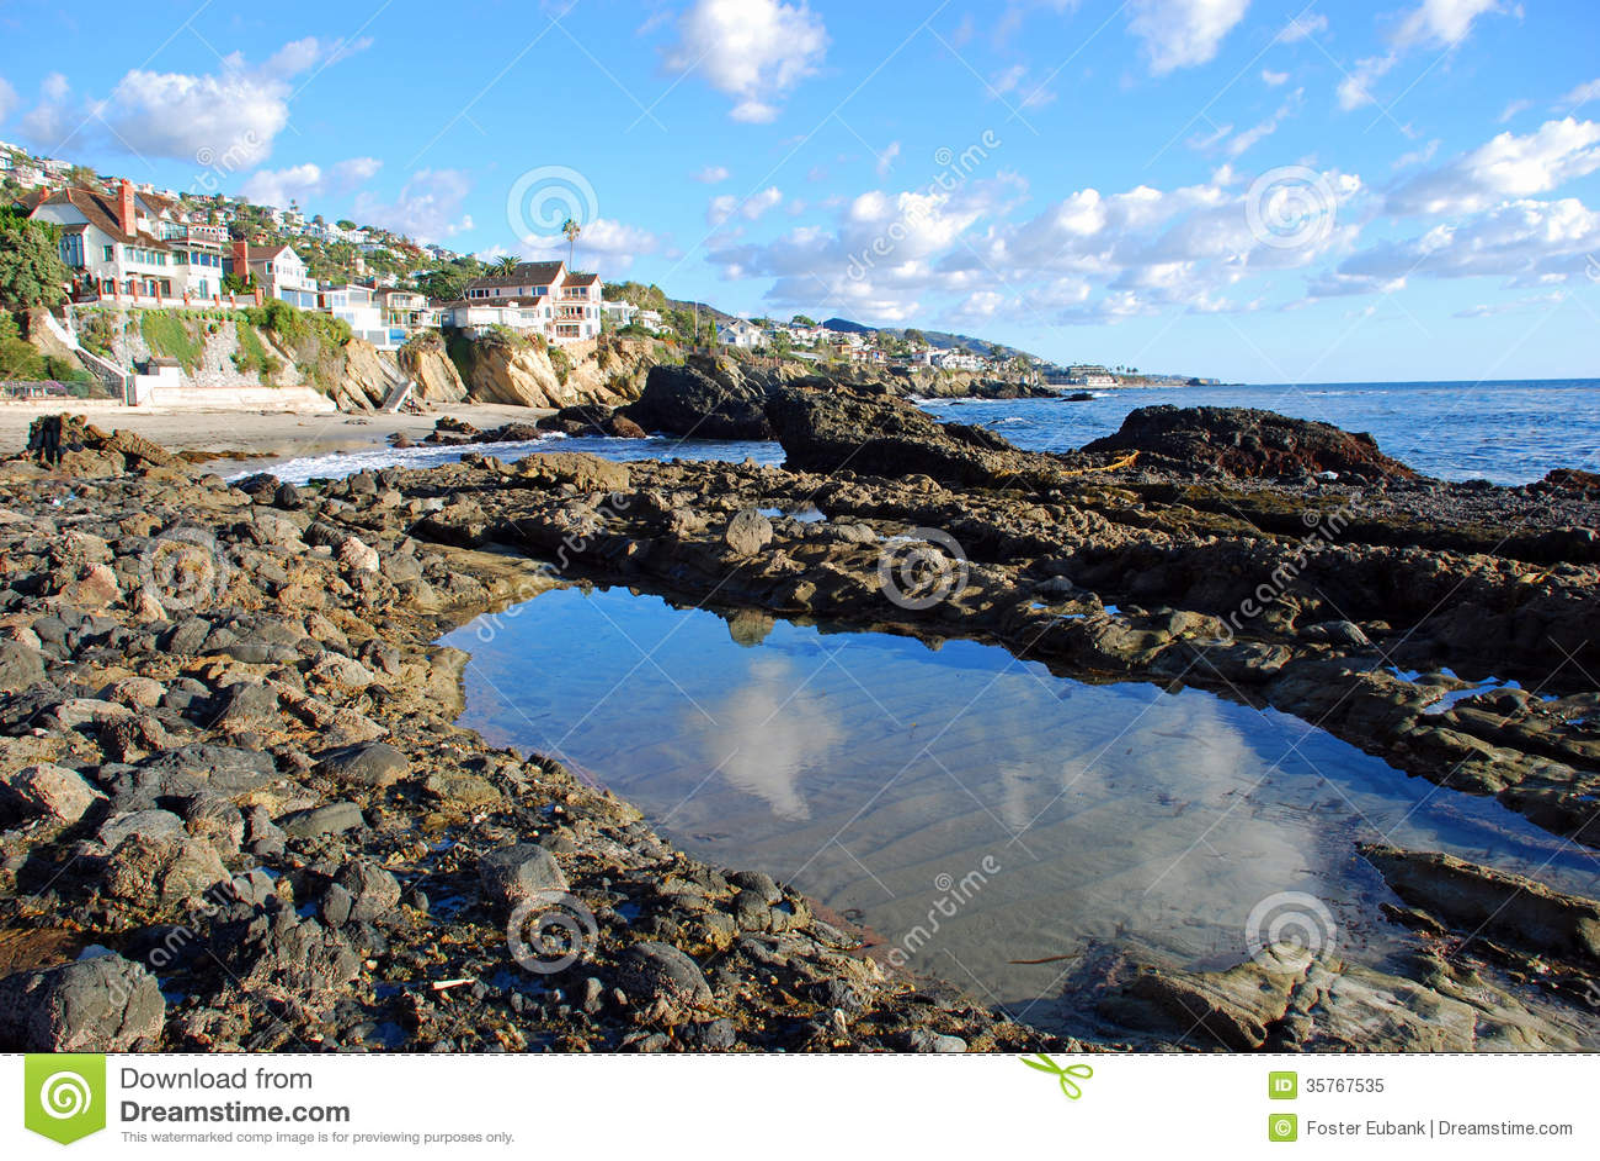 Piscine de marée et rivage rocheux près de crique en bois, Laguna Beach la Californie